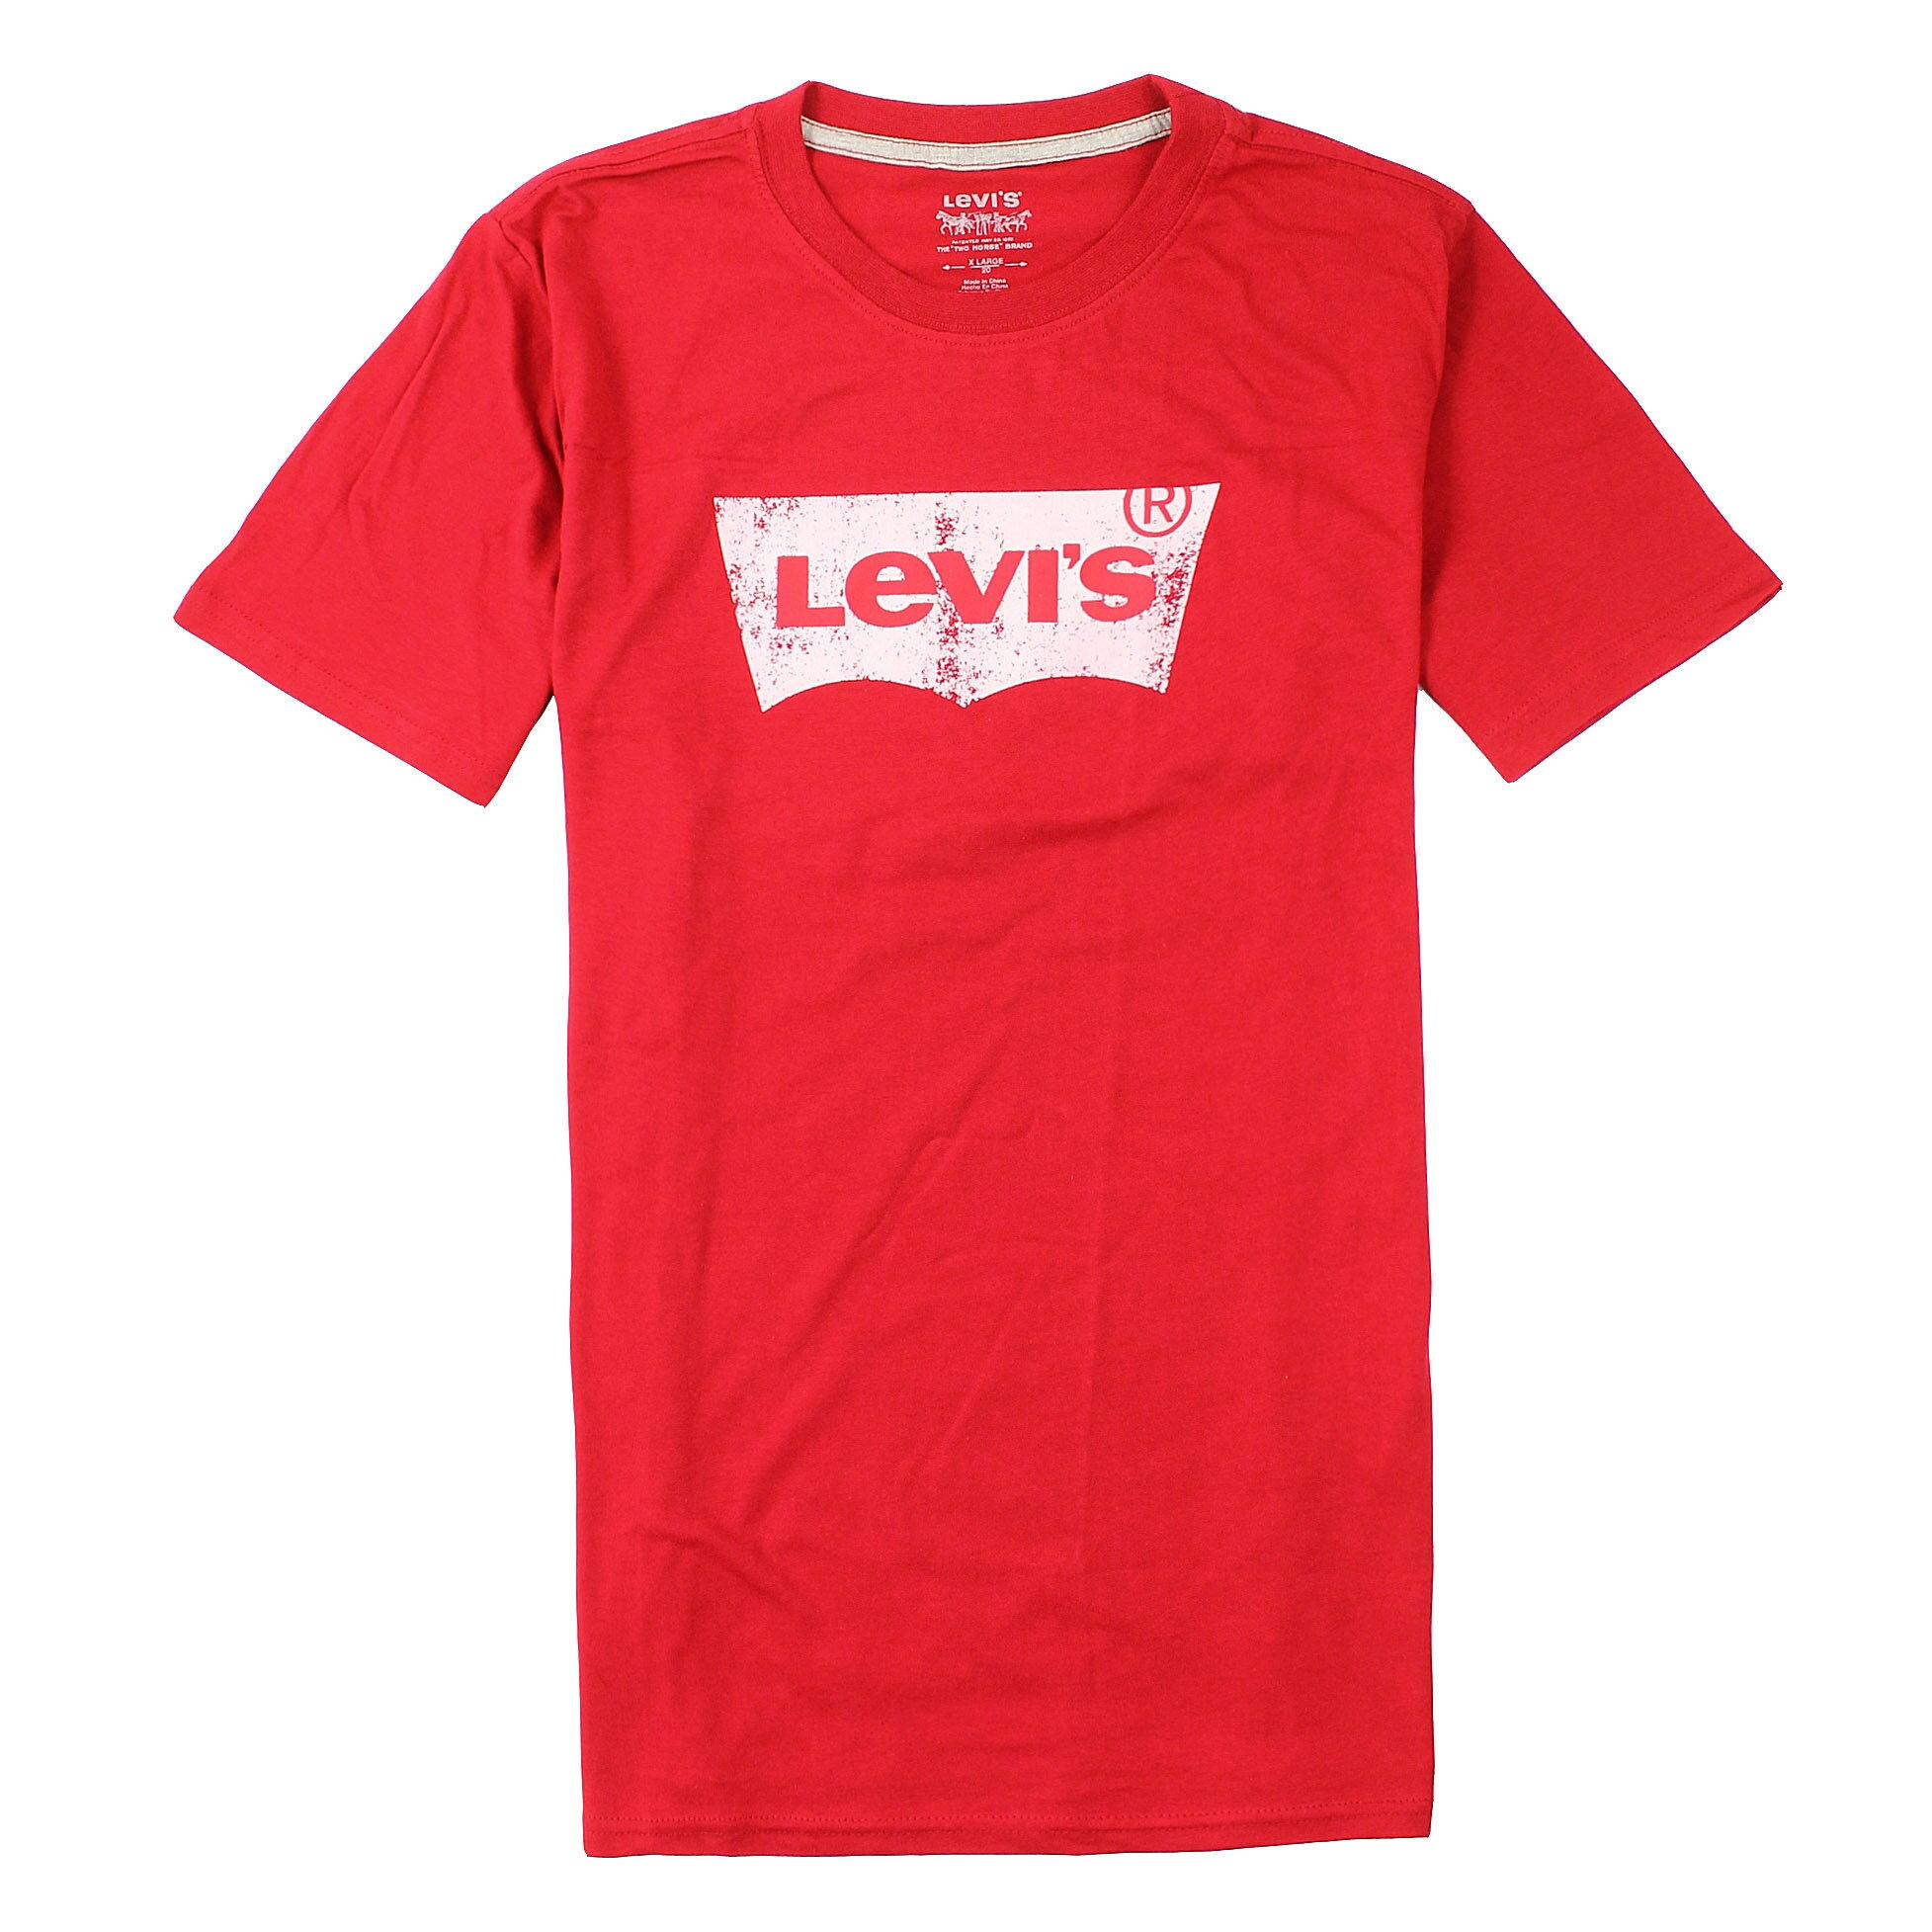 美國百分百【全新真品】Levis T恤 短袖 上衣 T-shirt 李維 Logo 經典 紅色 純棉 棉質 型男 男 S號